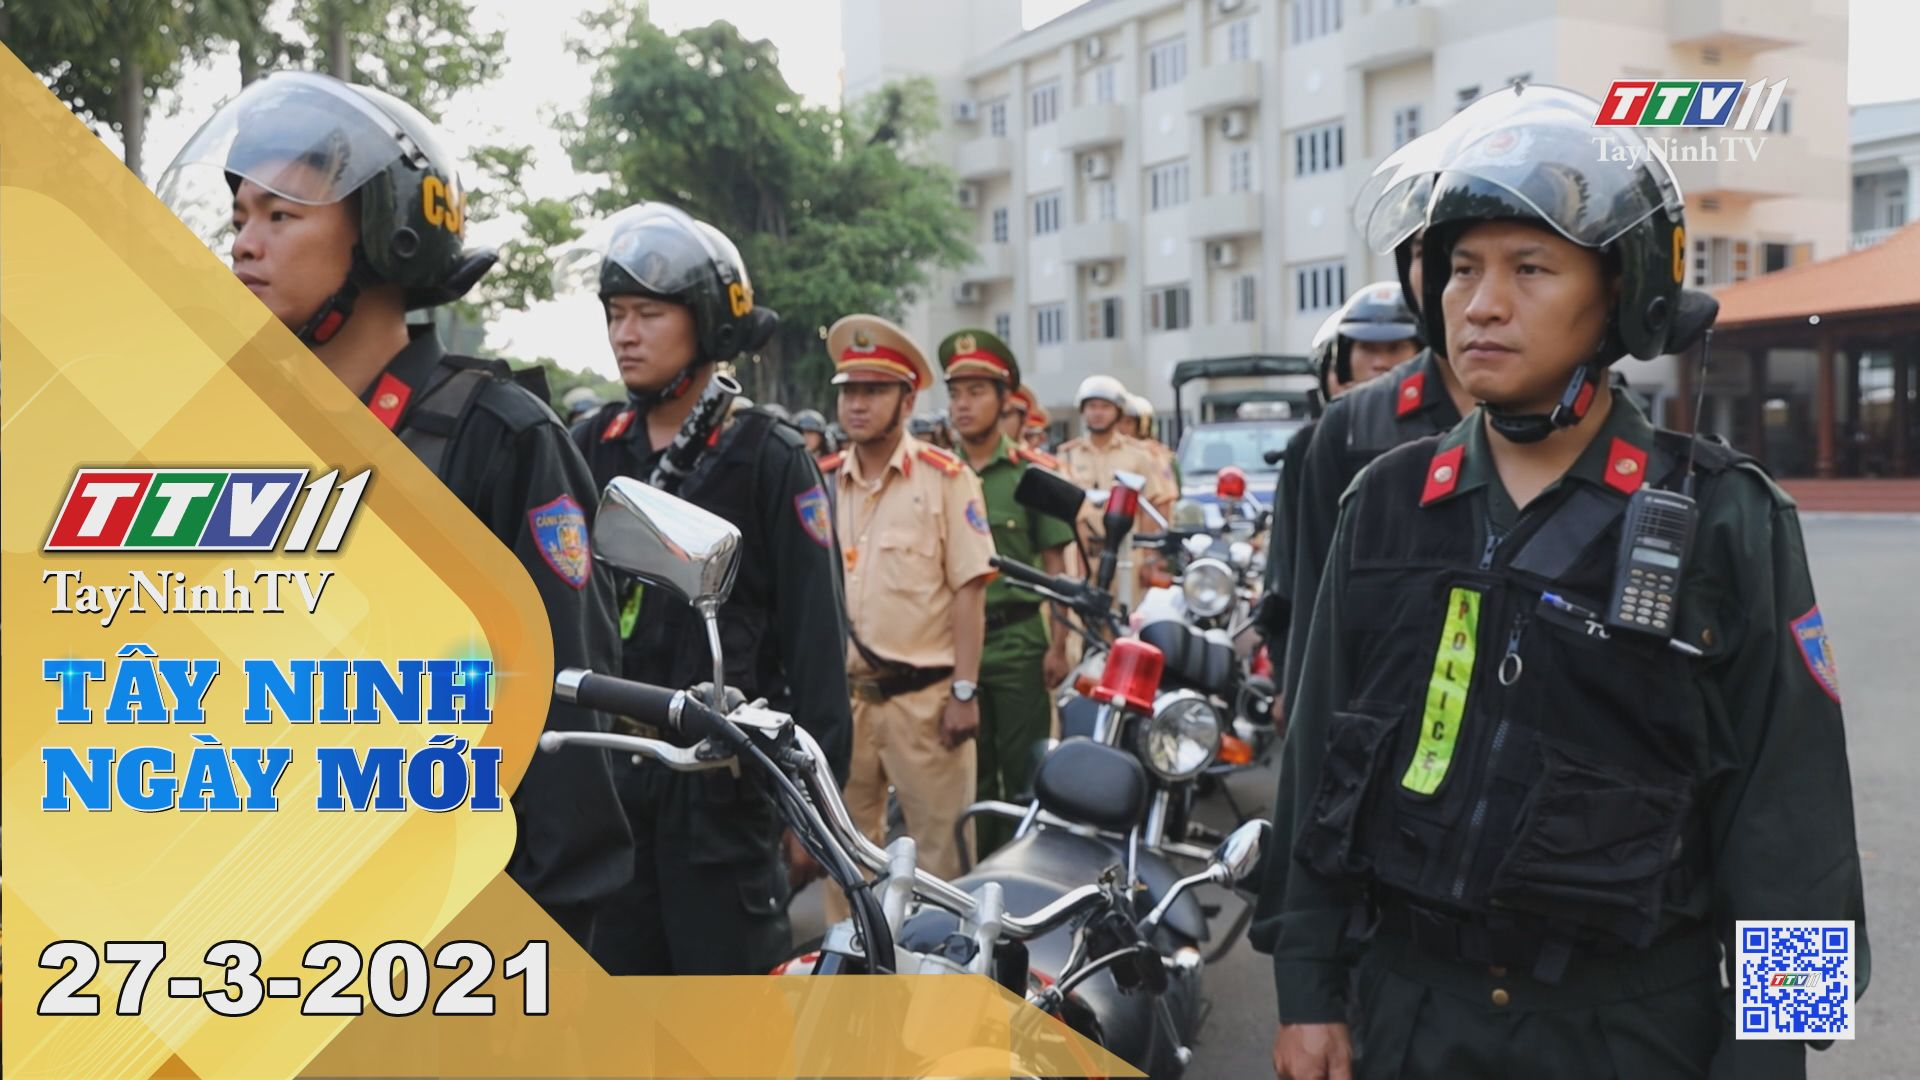 Tây Ninh Ngày Mới 27-3-2021   Tin tức hôm nay   TayNinhTV